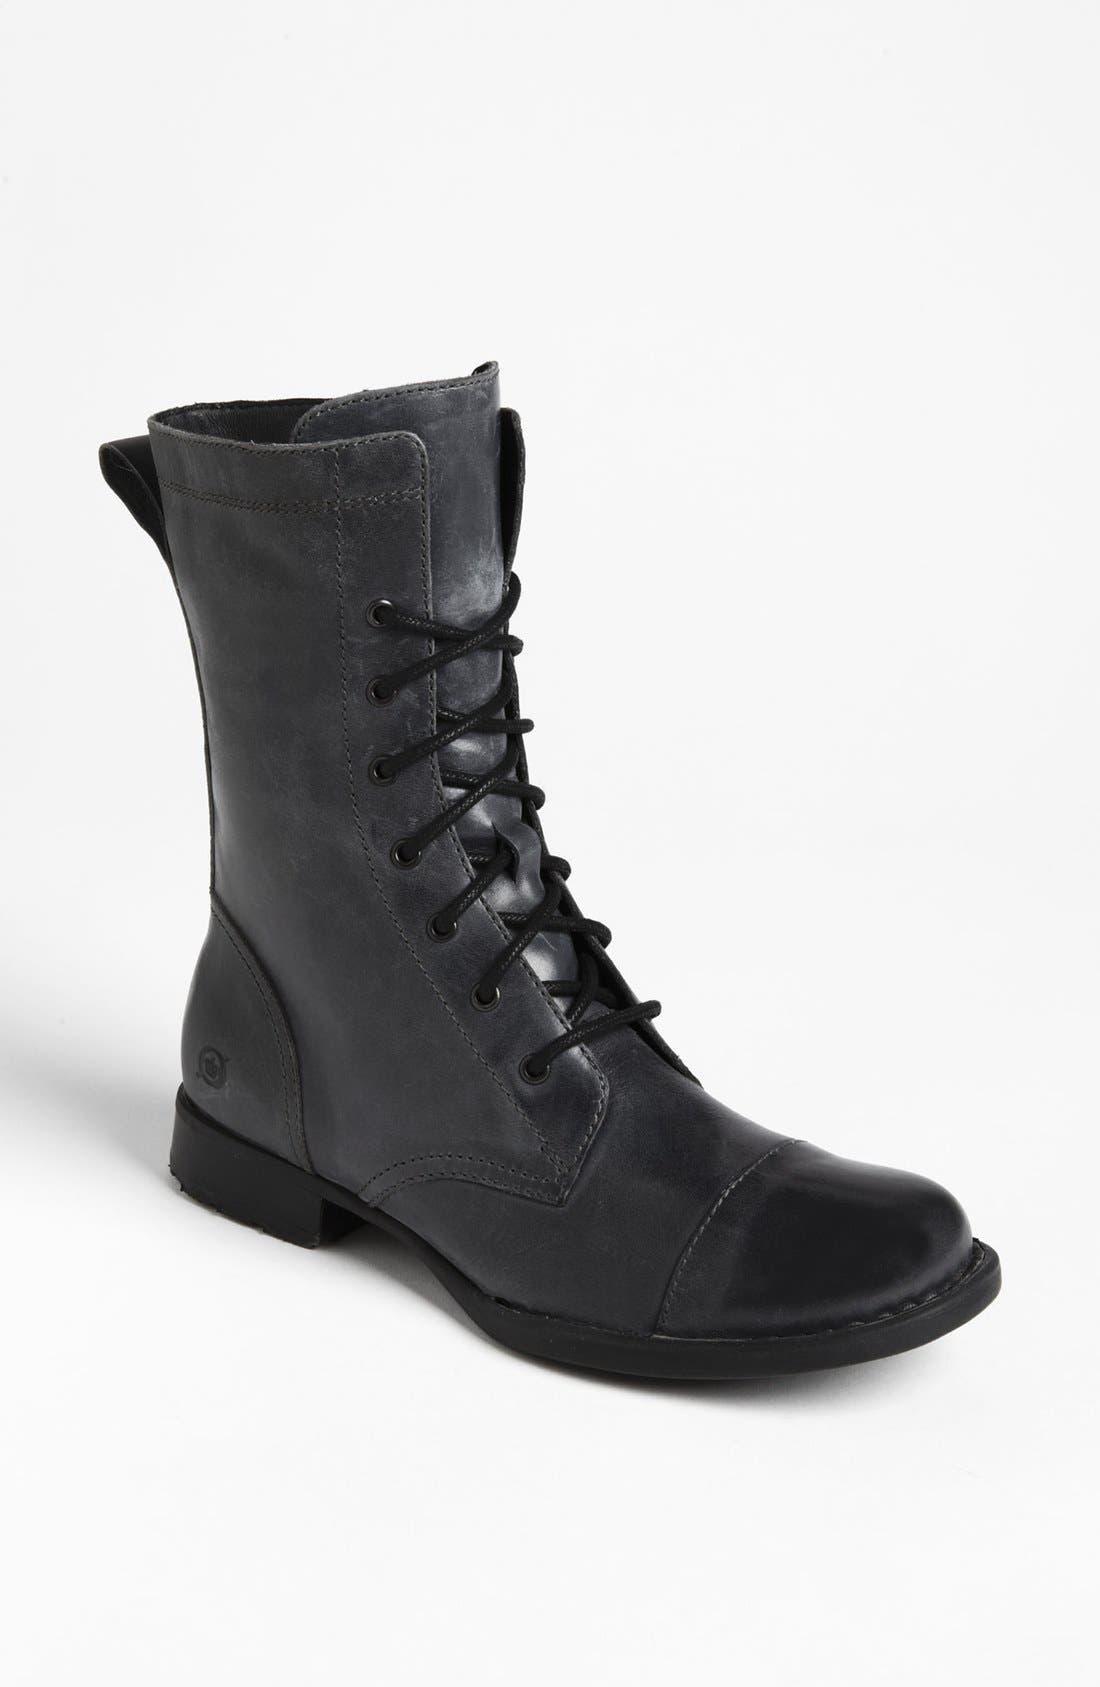 Alternate Image 1 Selected - Børn 'Zelia' Boot (Online Only Color)